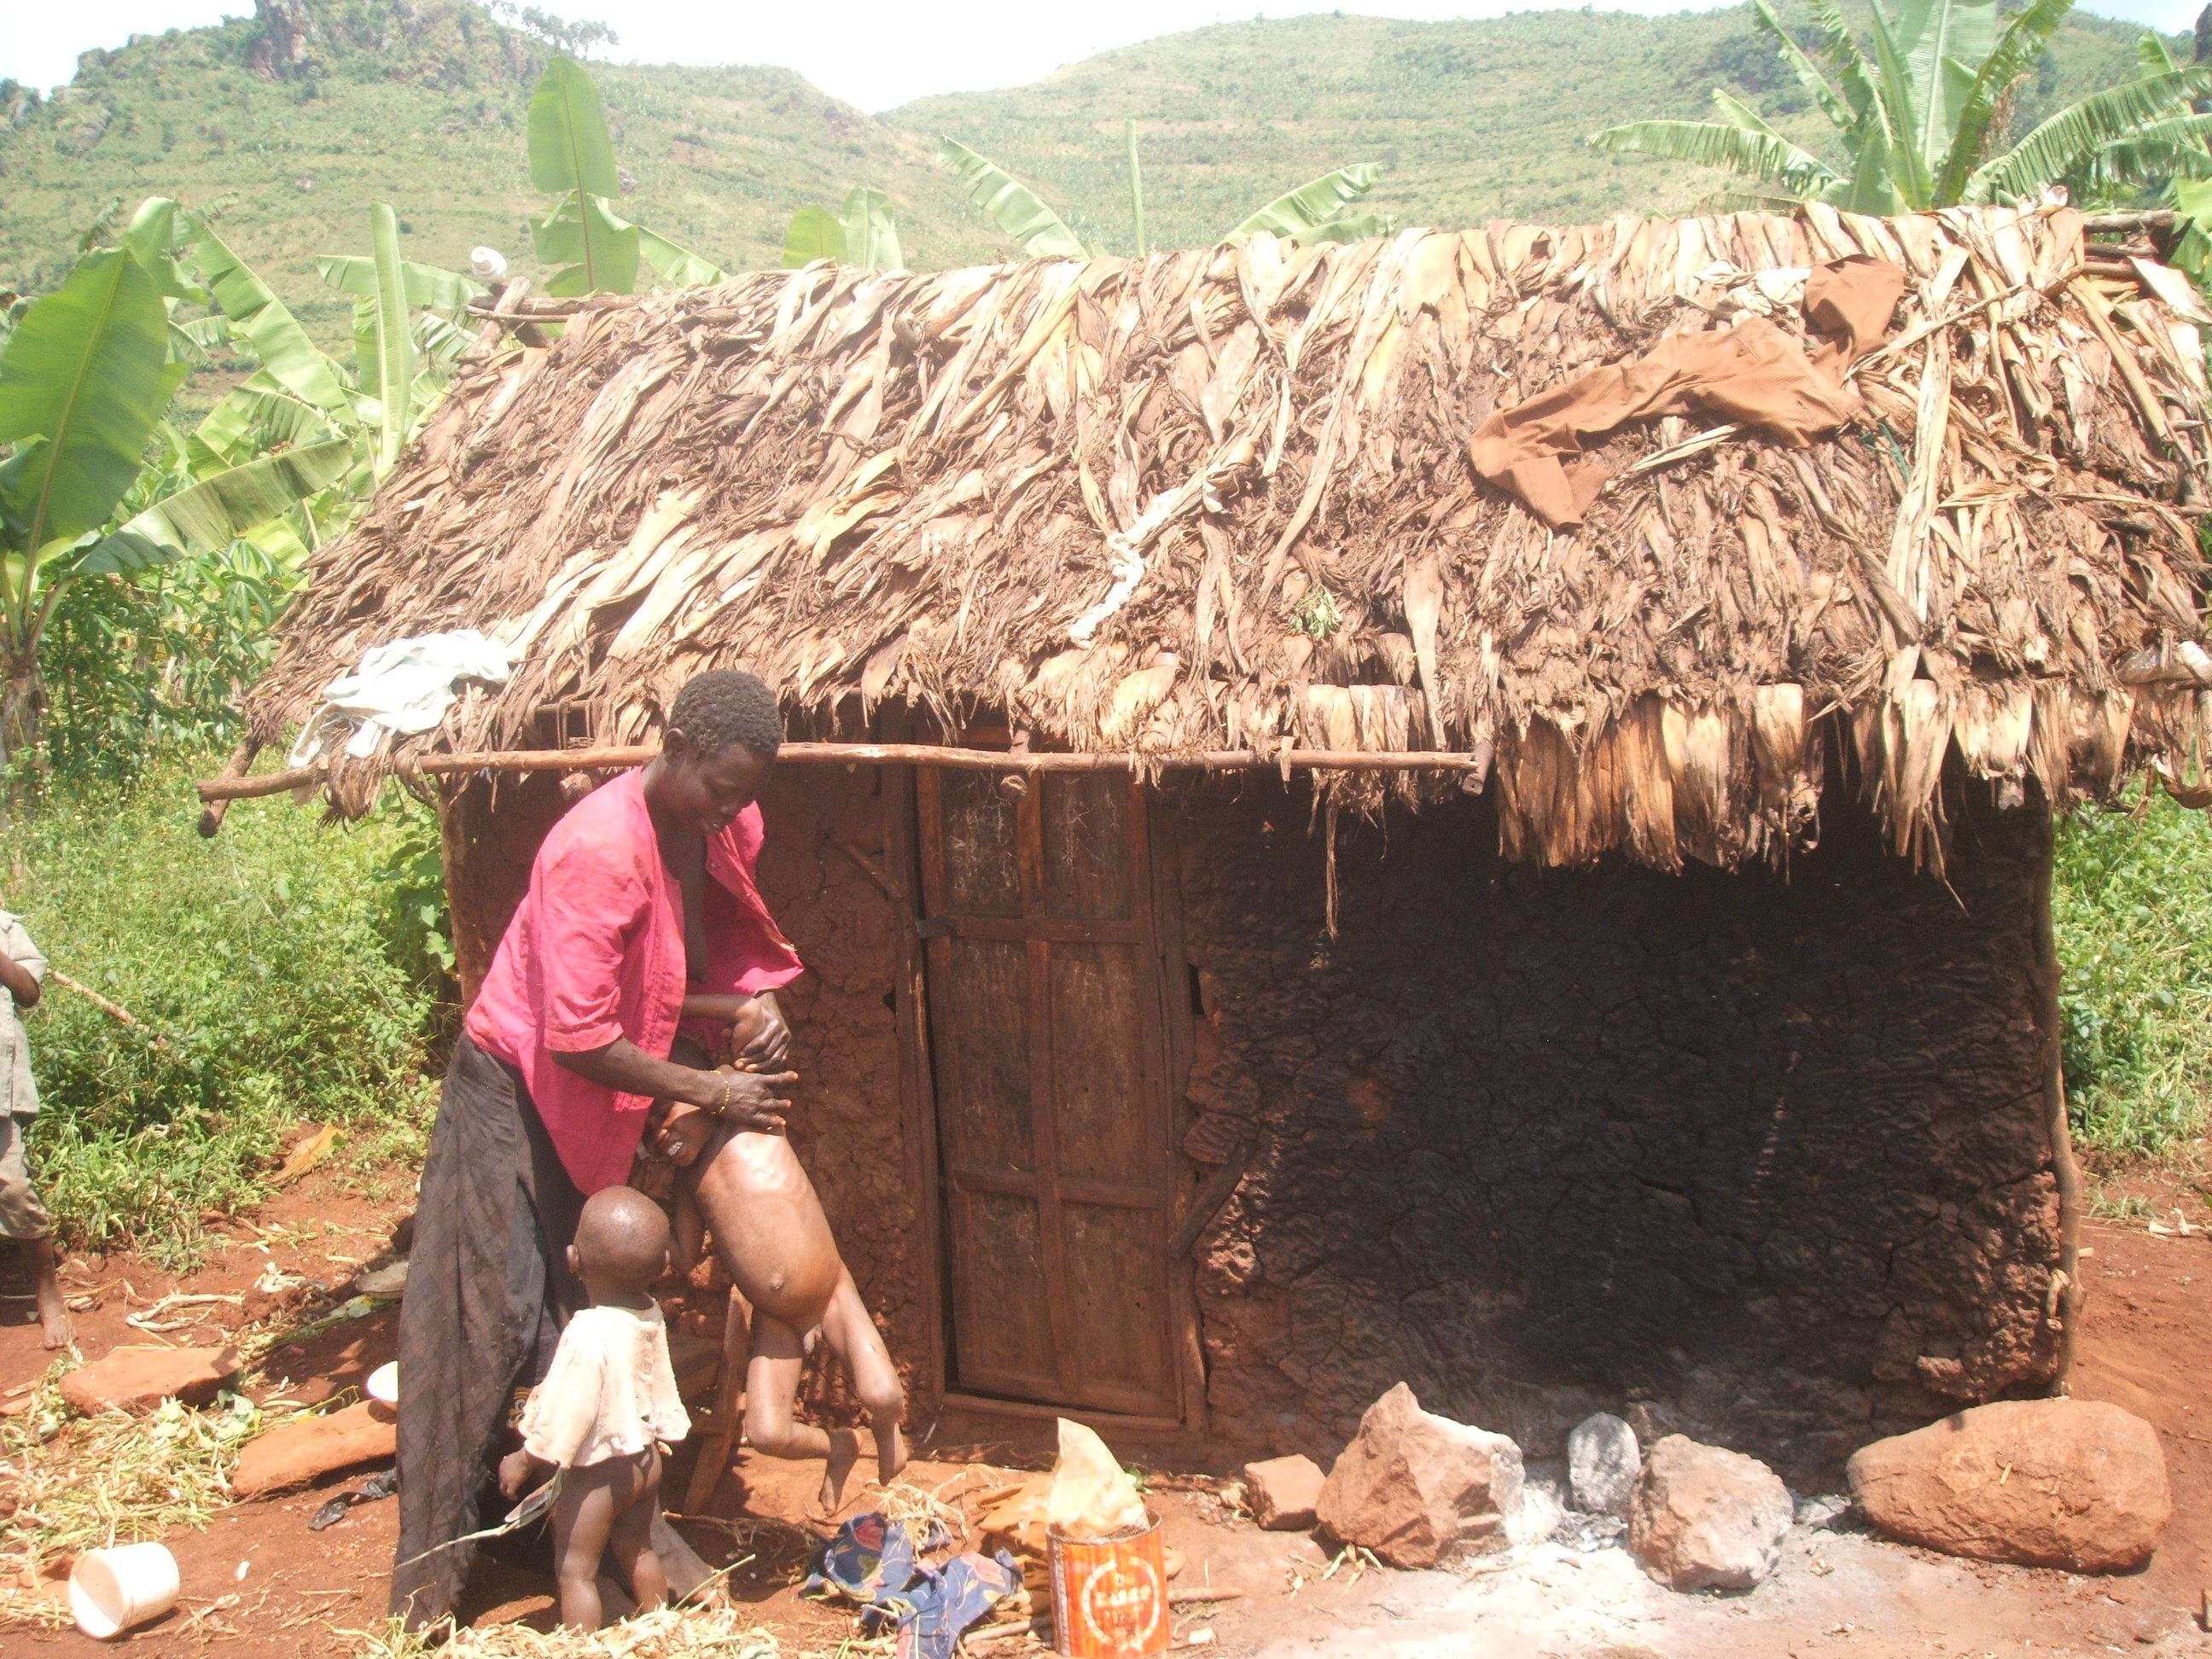 Wakooli holds off one of the children in her home. David Mafabi